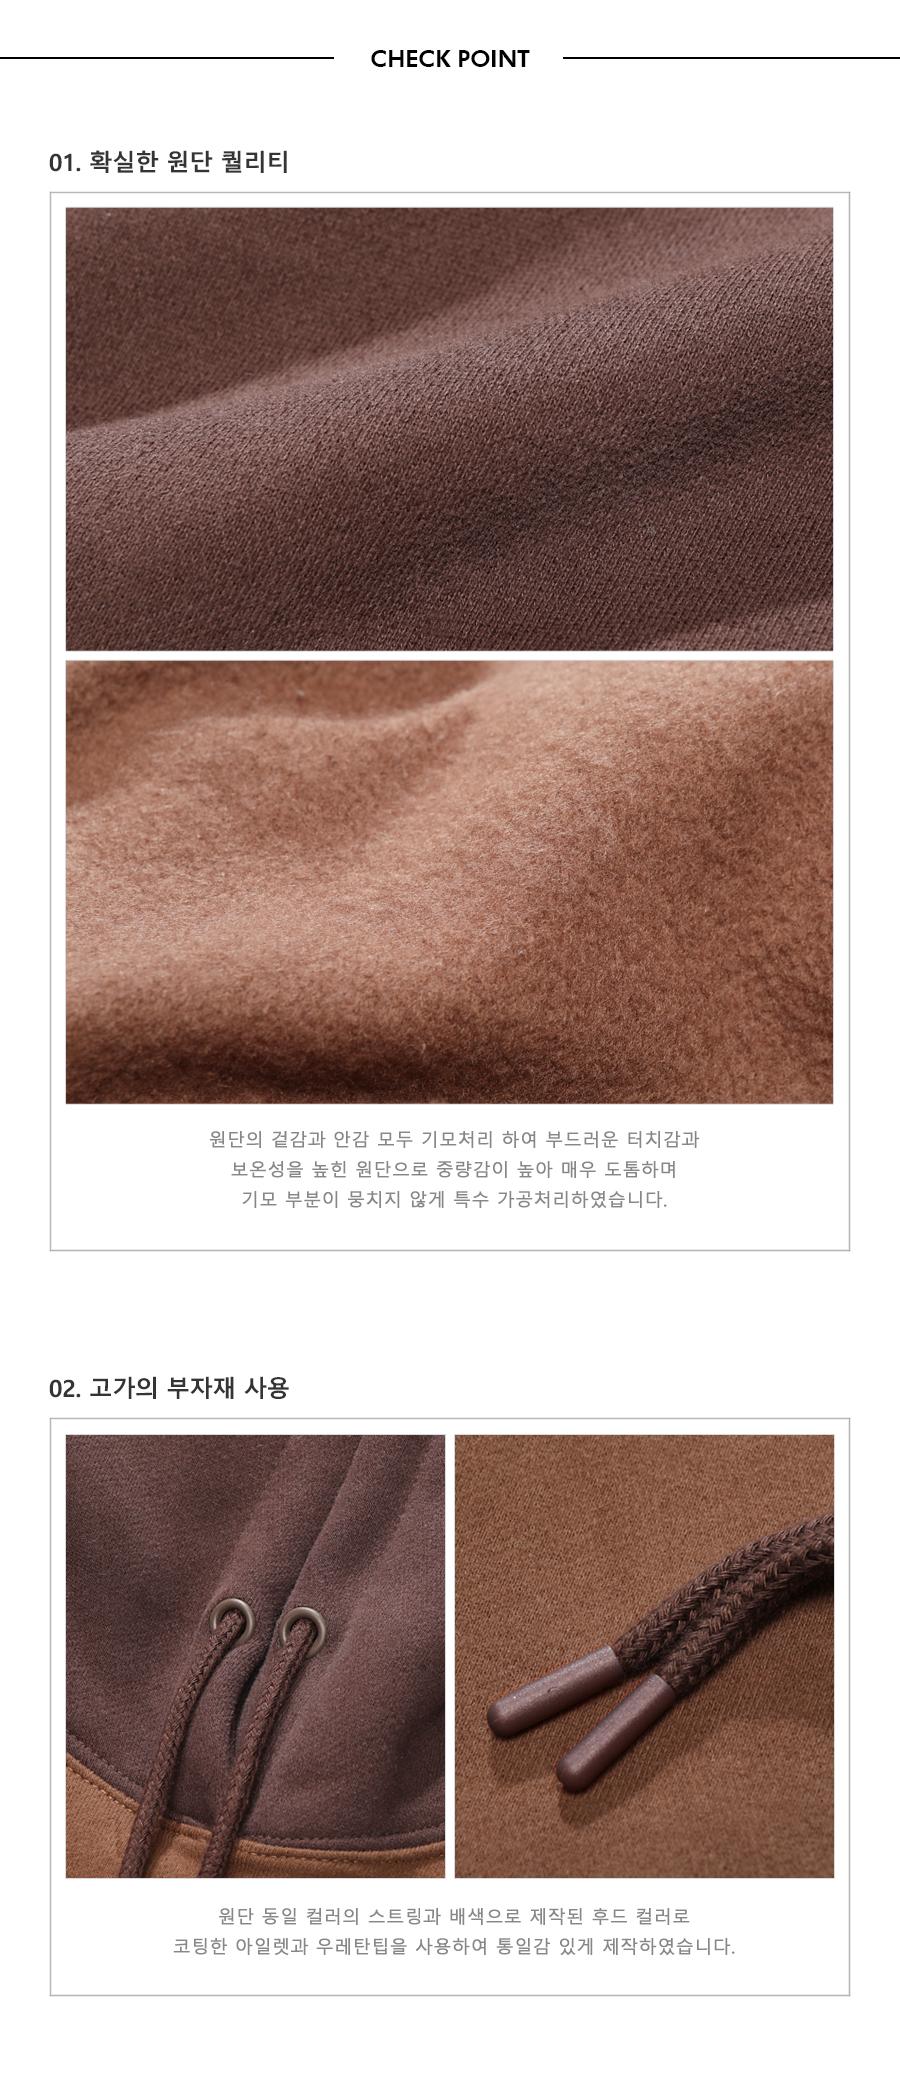 [제멋] 톤온톤 양기모후드 HJHD2237